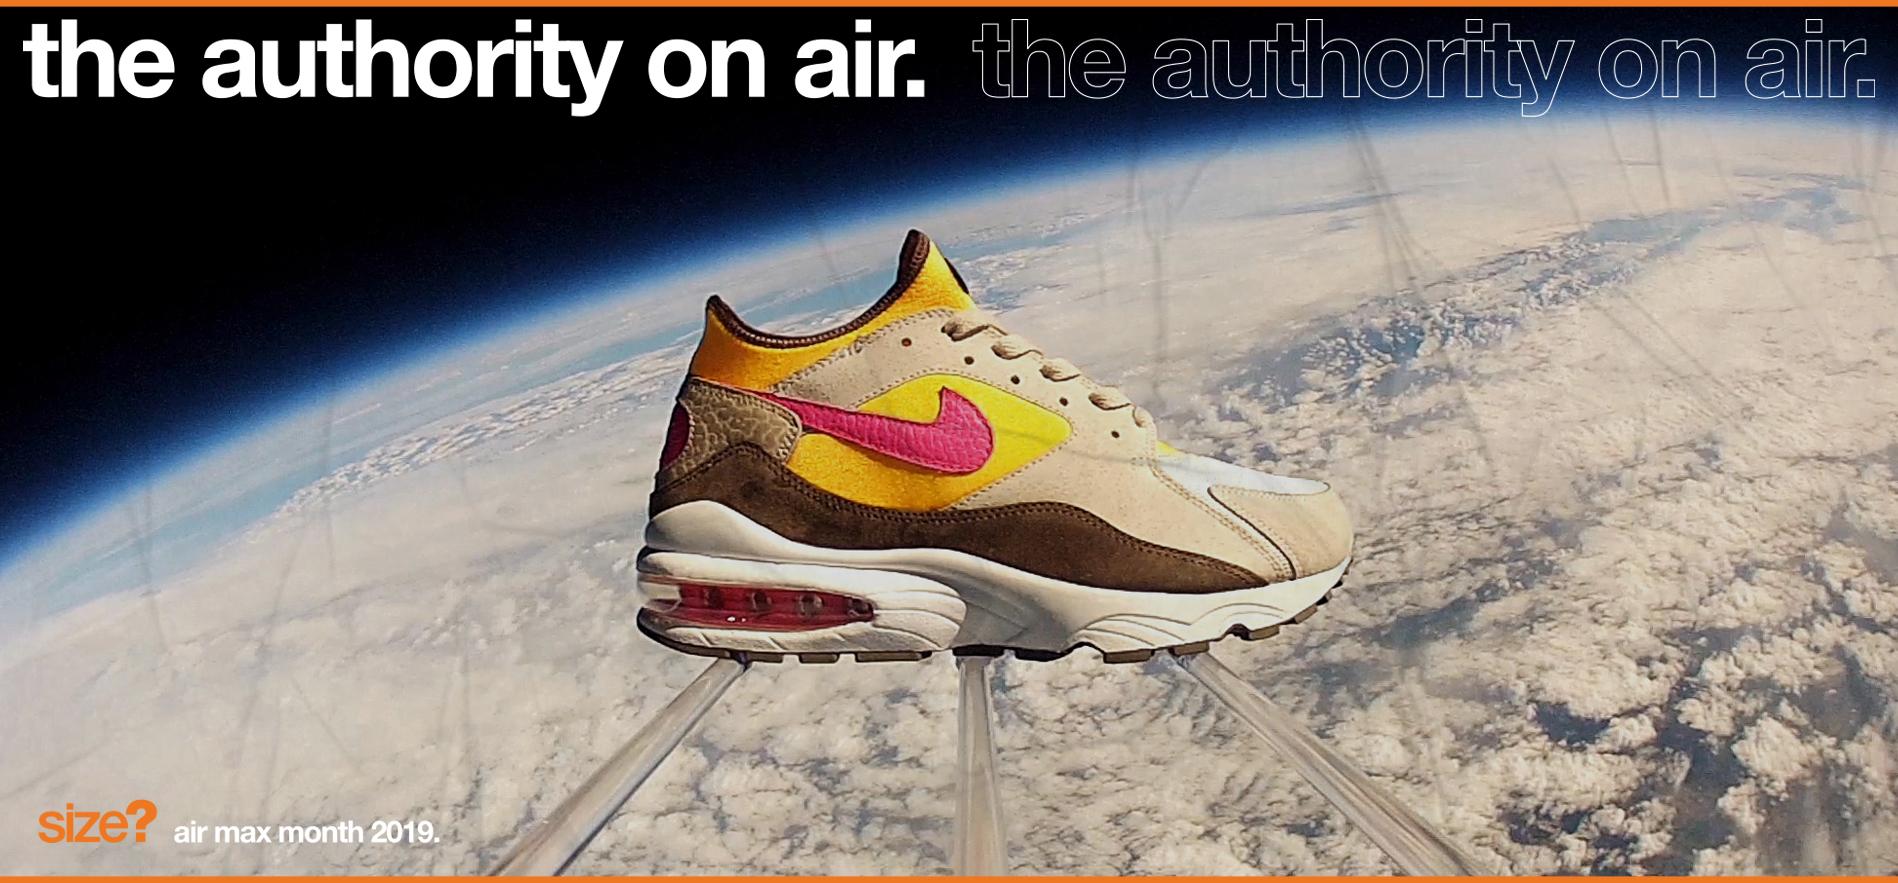 the authority on air: Air Max 93 'Maximum Air'